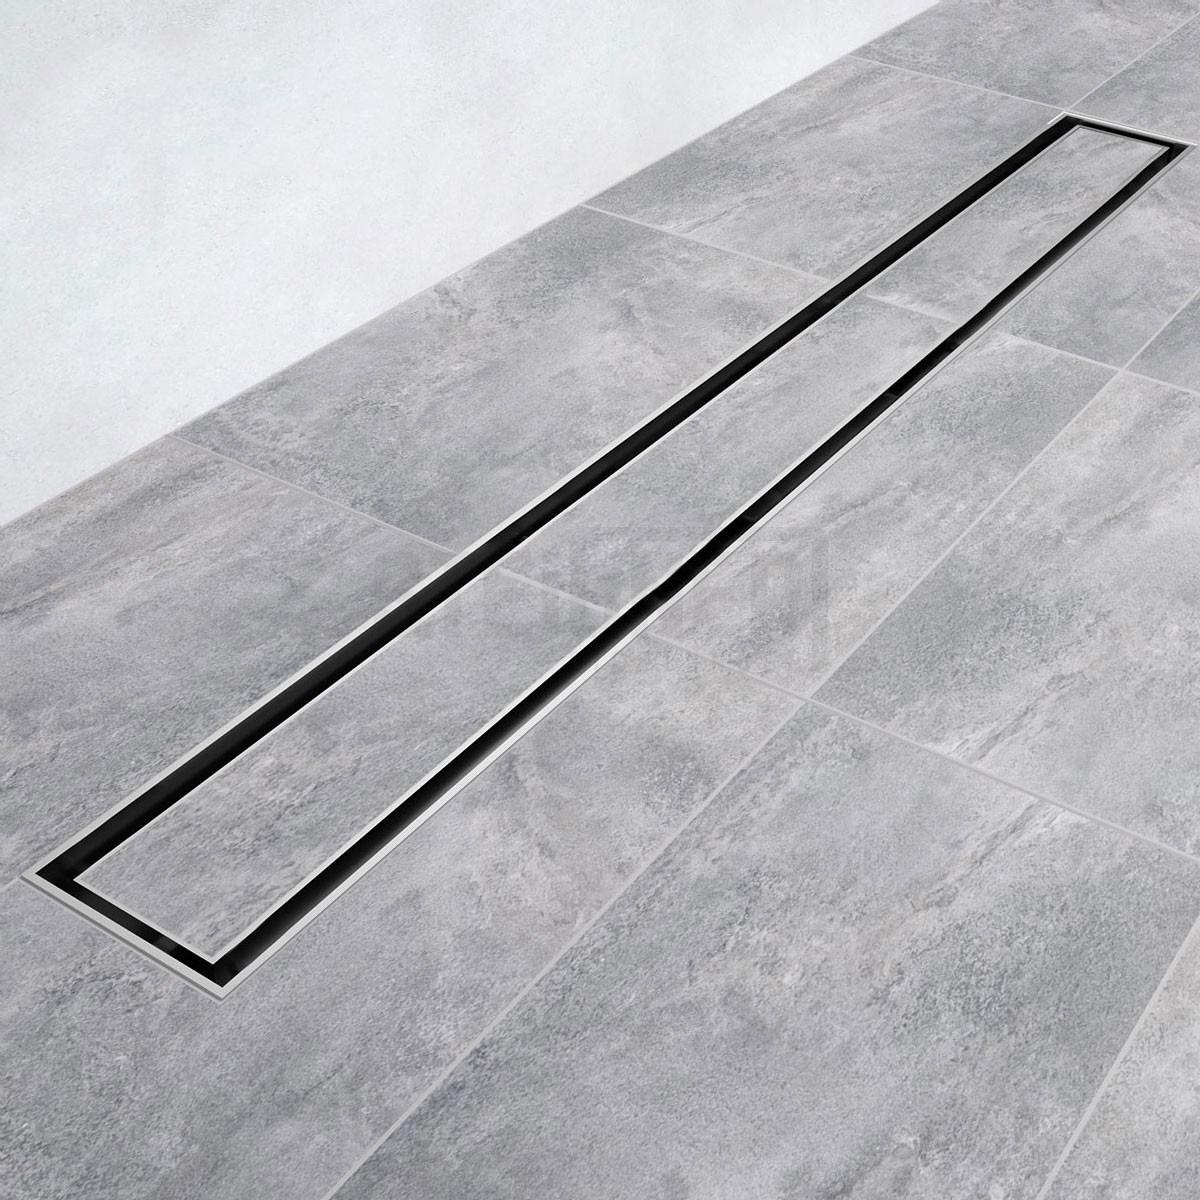 duschelement duschrinne edelstahl siphon ablaufrinne befliesbar rinne dusche bad ebay. Black Bedroom Furniture Sets. Home Design Ideas